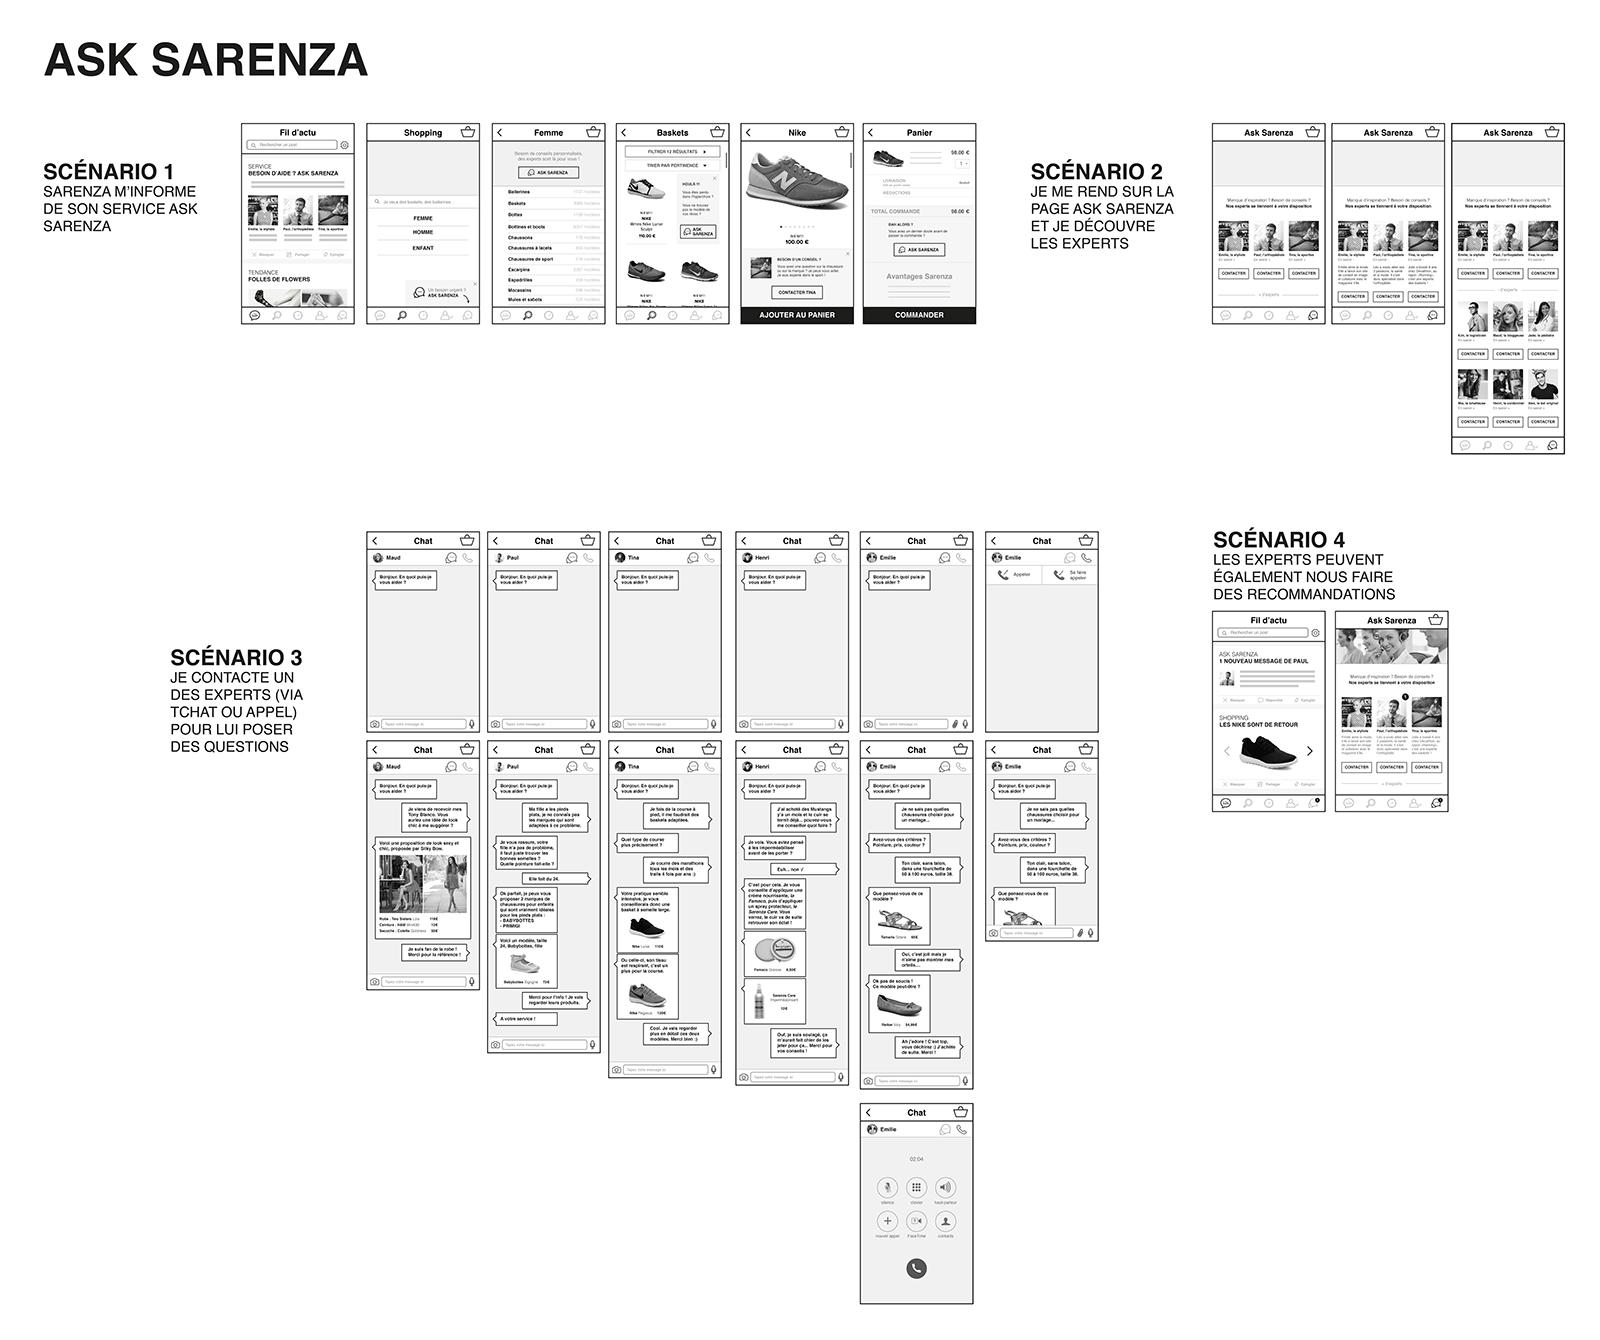 maquettes de l'application ASk de Sarenza